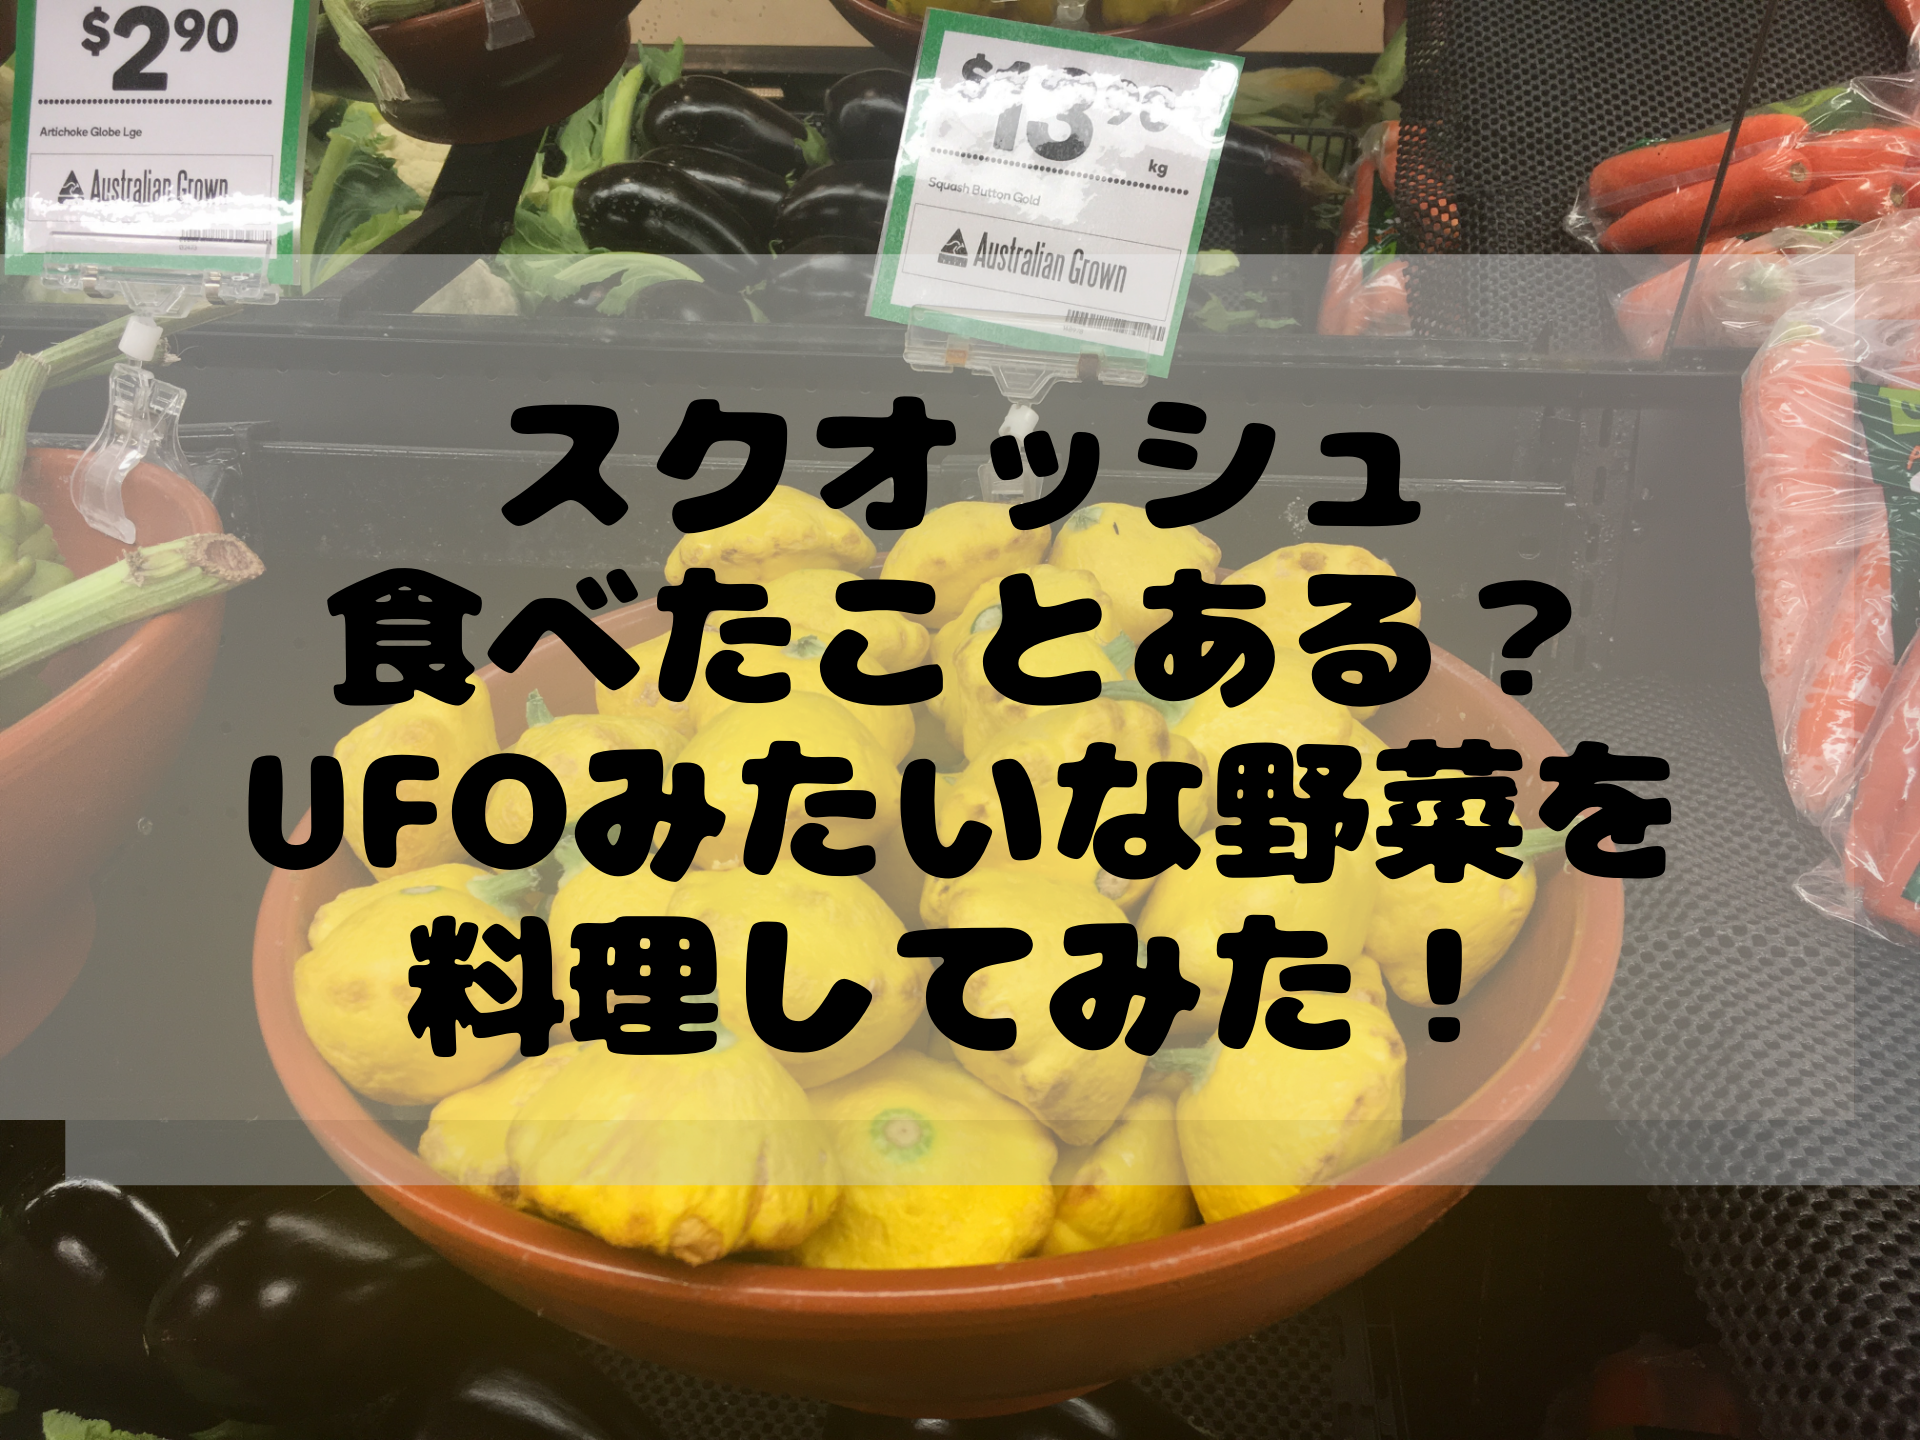 スクオッシュ 食べたことある? UFOみたいな野菜を 料理してみた!